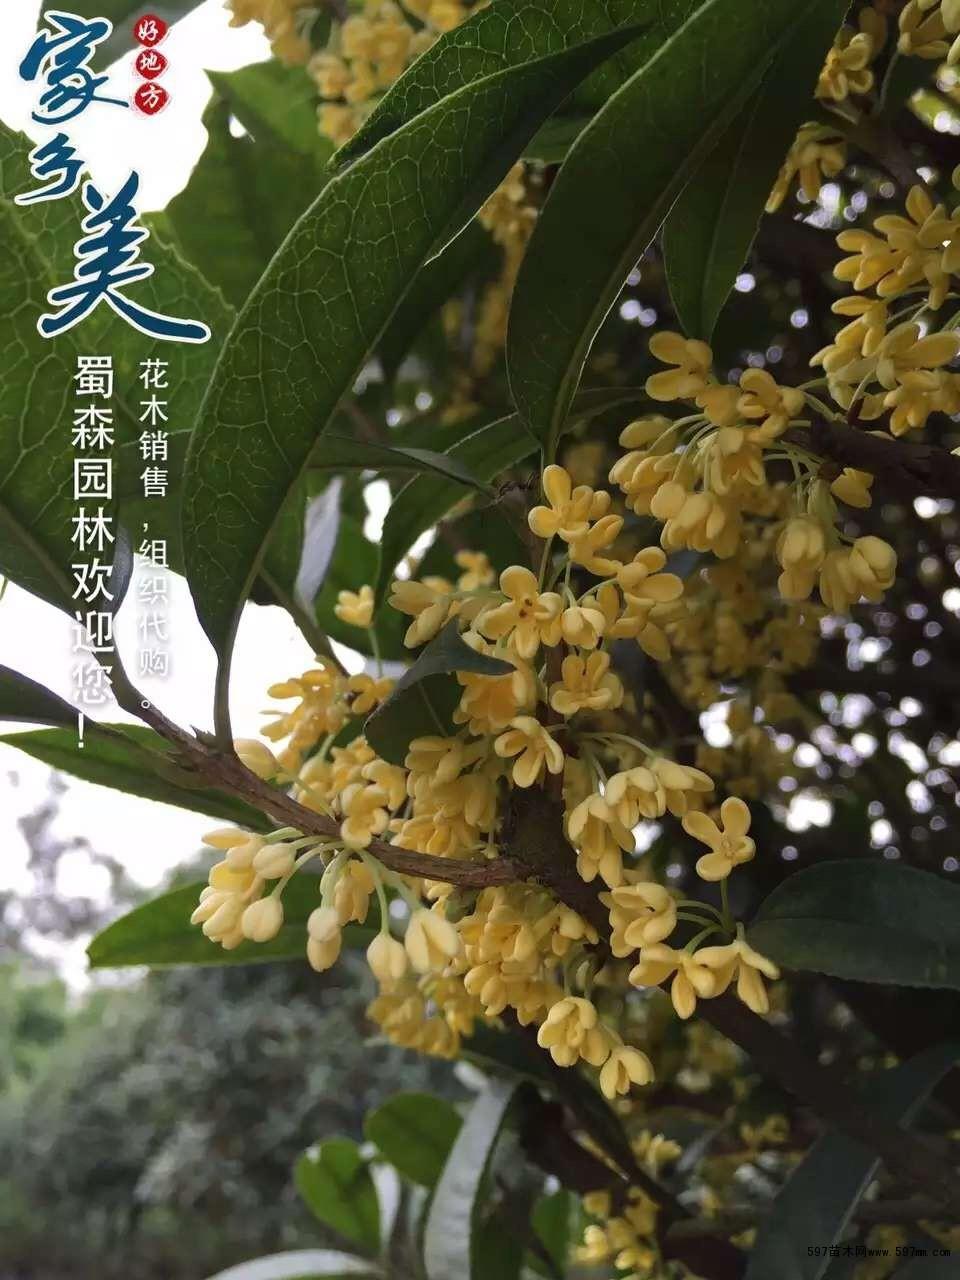 腊梅花盆景钩针图解